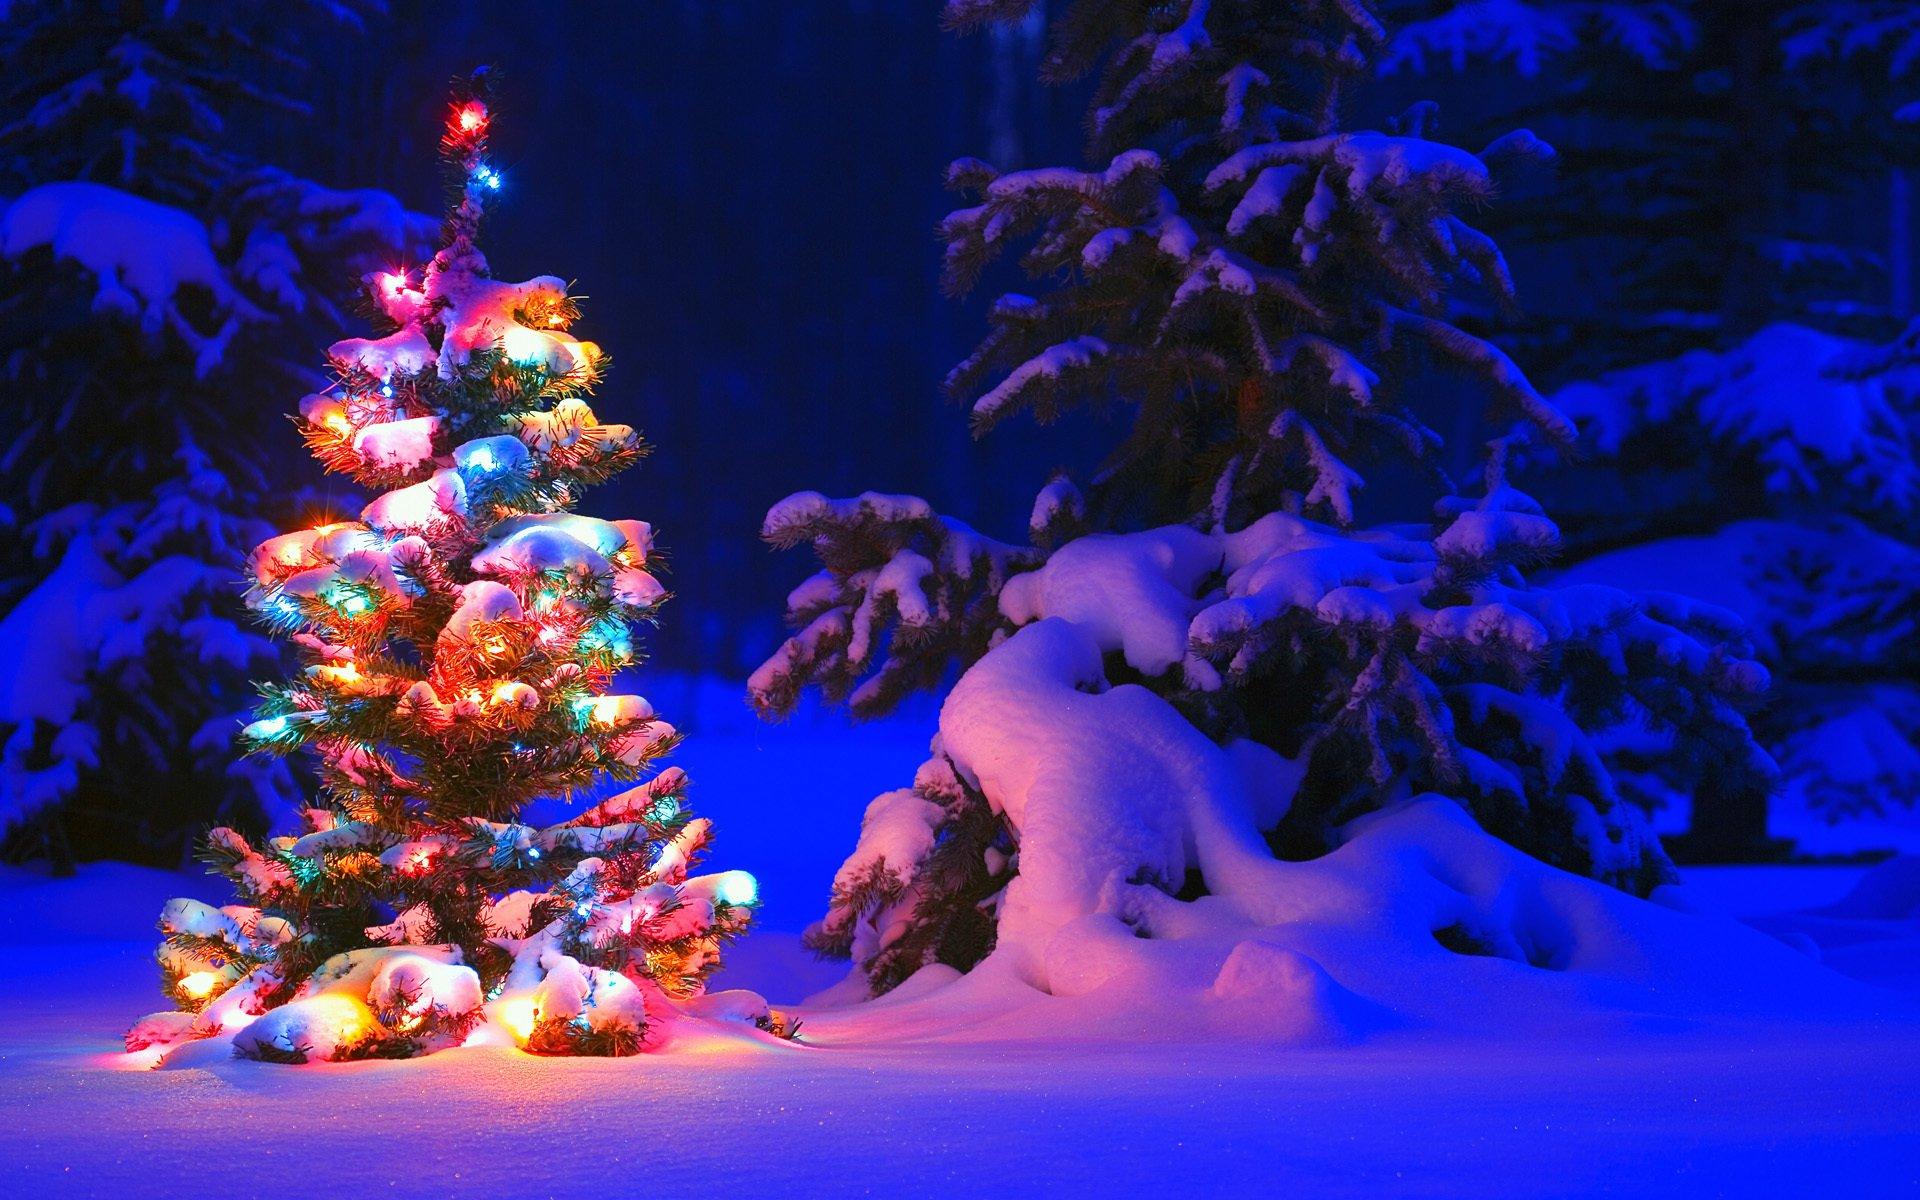 ель огни снег  № 3330316 бесплатно